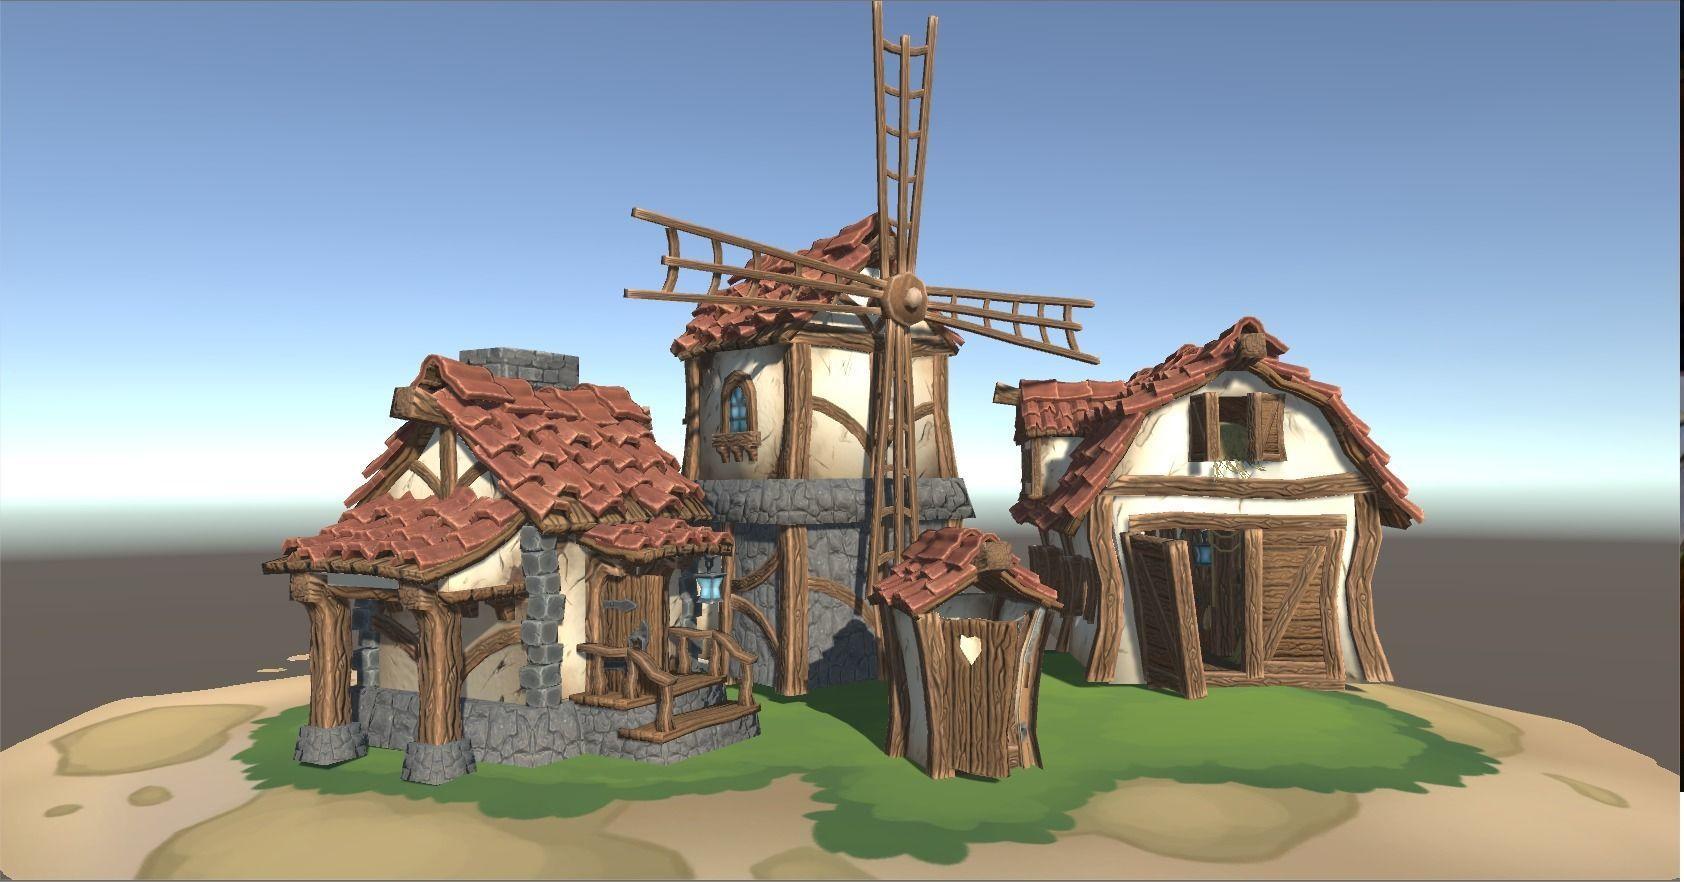 Stylized farm buildings